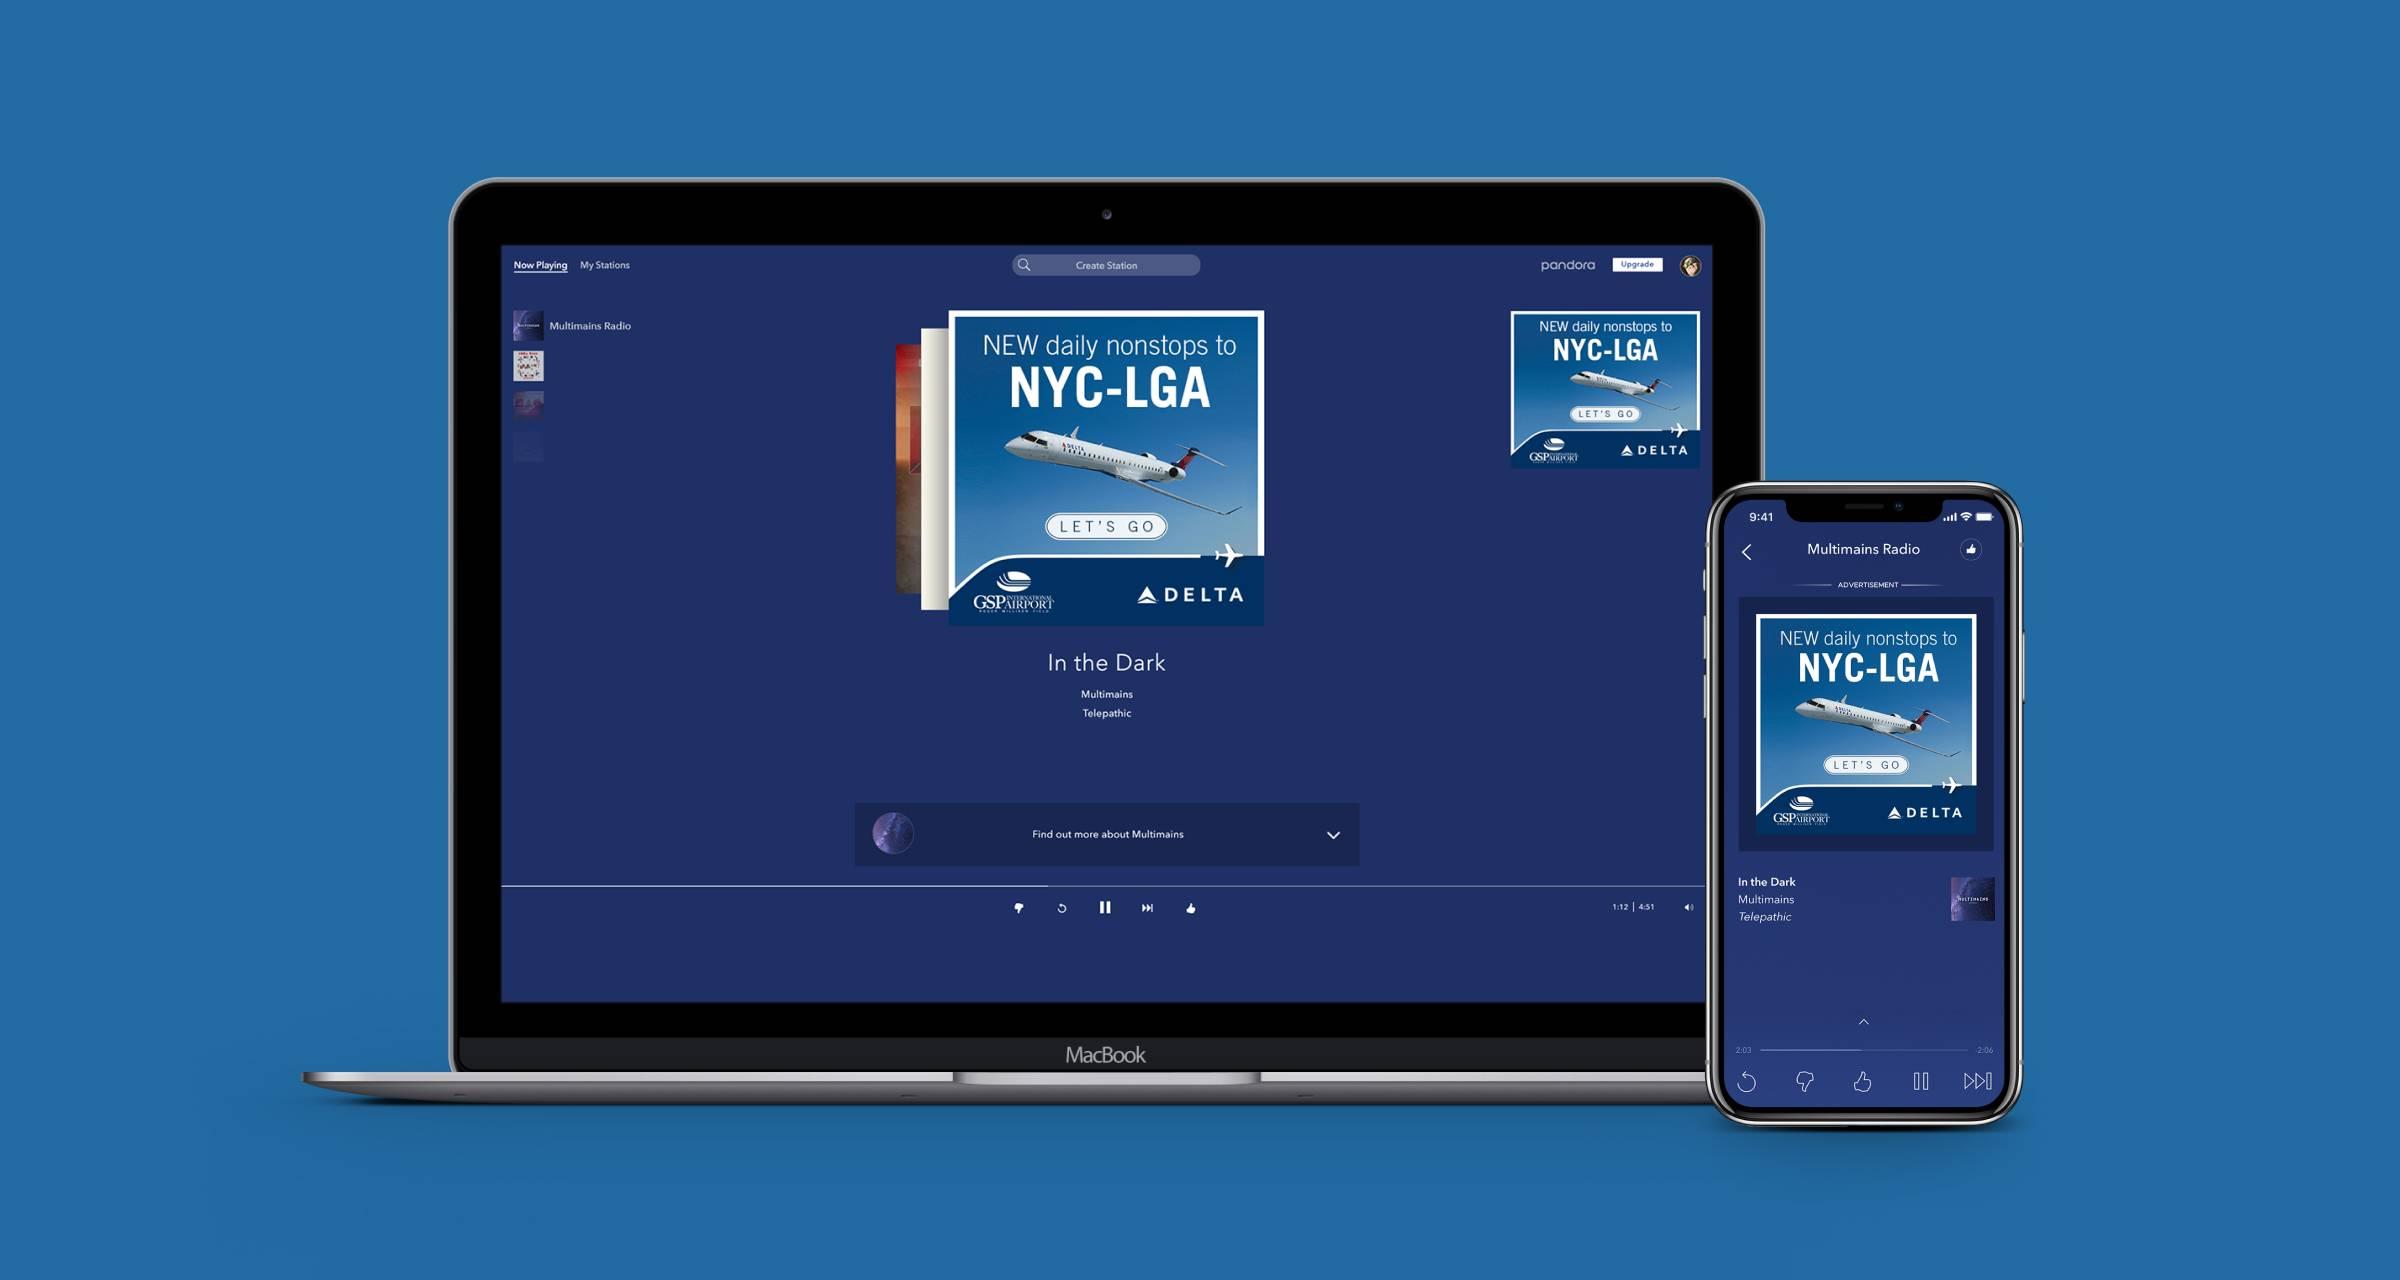 gsp-nyc-website-mockup-macbook-iphone